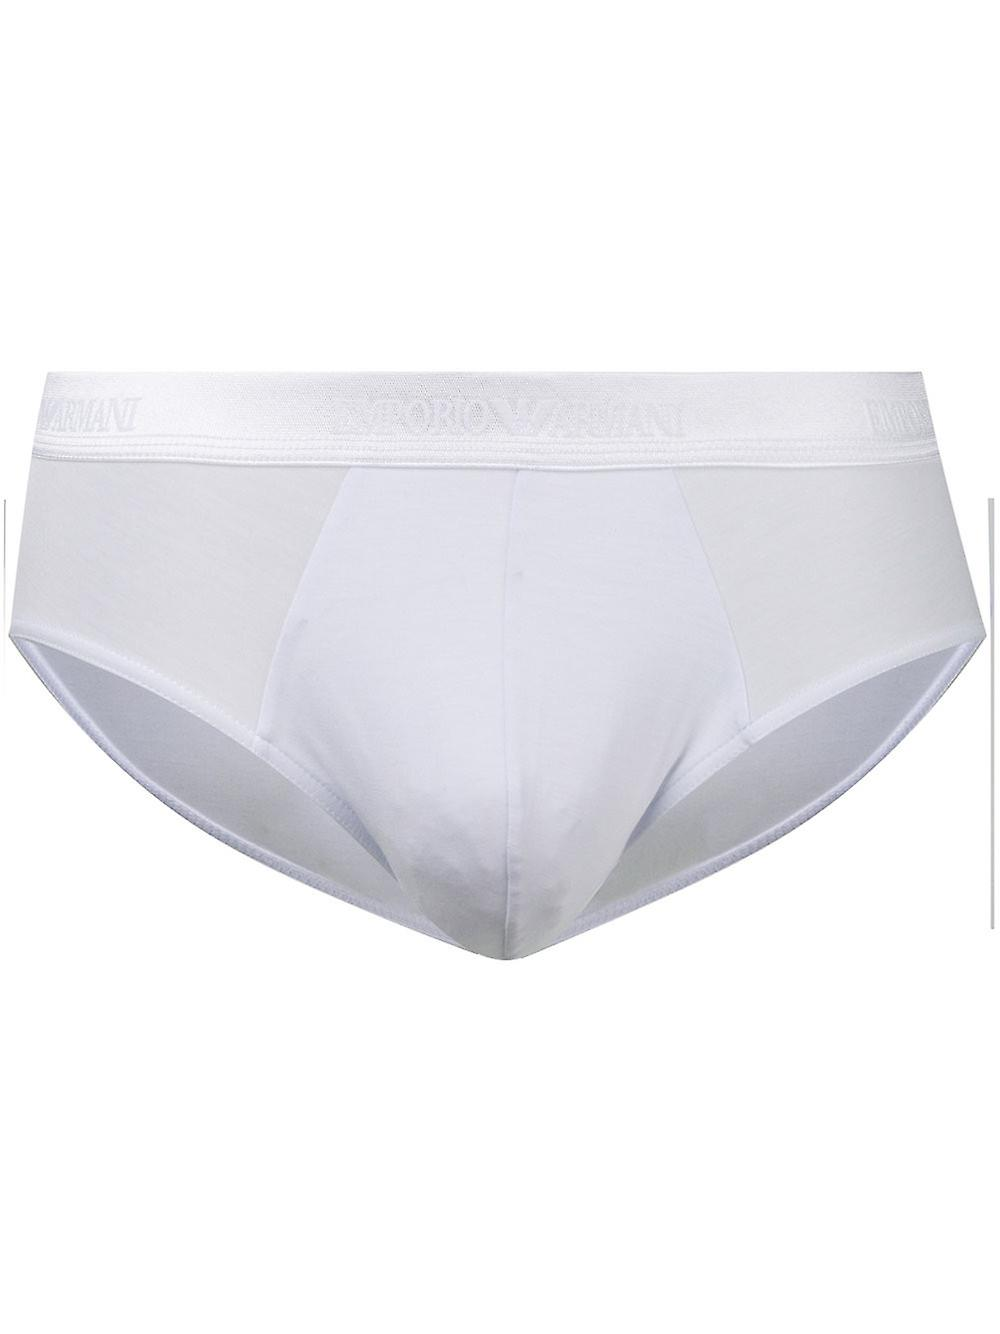 جورجيو أرماني القطن الأبيض قصيرة